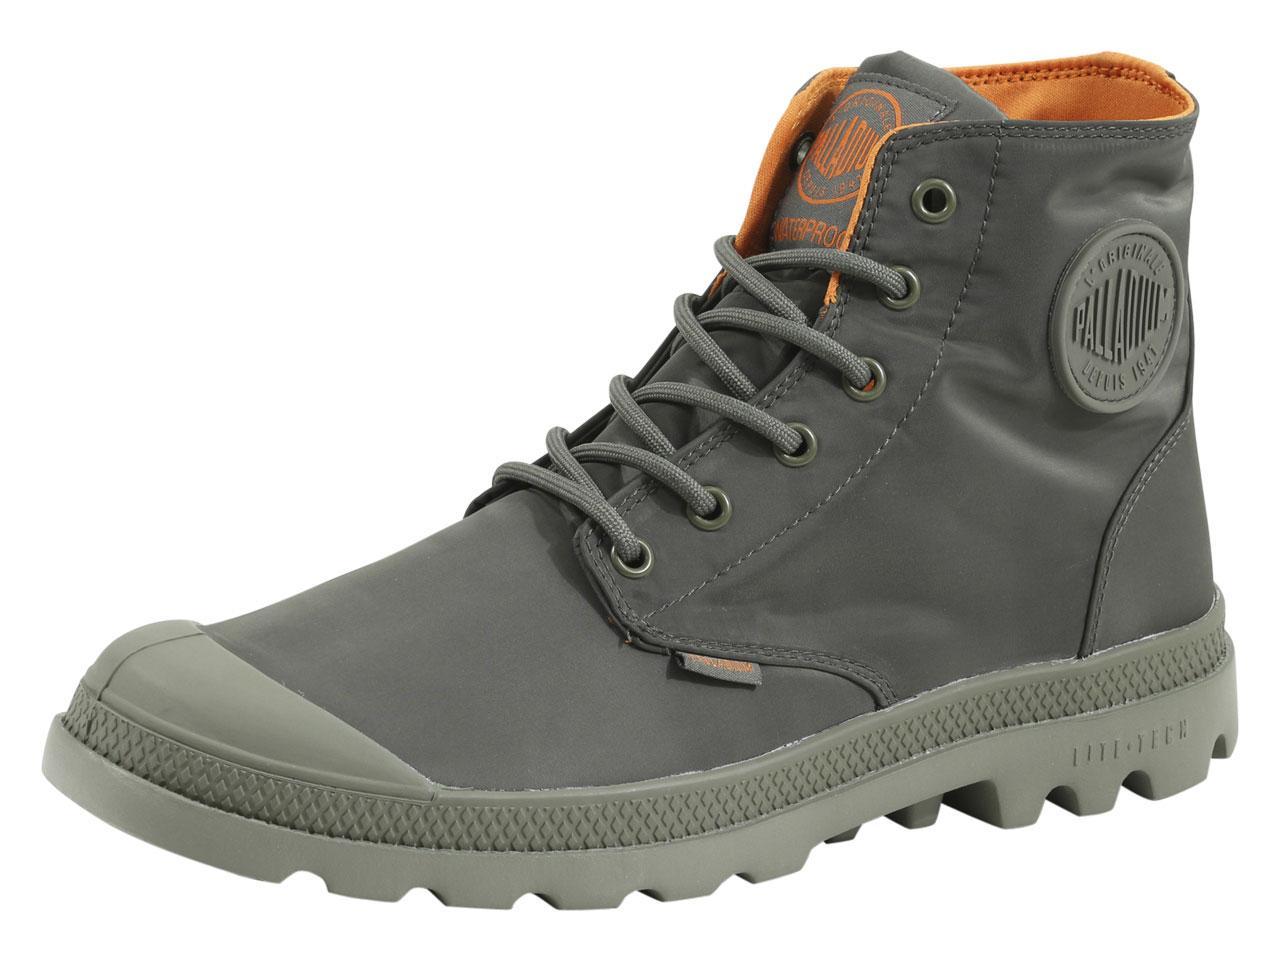 111aa774713ac Palladium Men's Pampa Puddle Lite WP Waterproof Boots Shoes